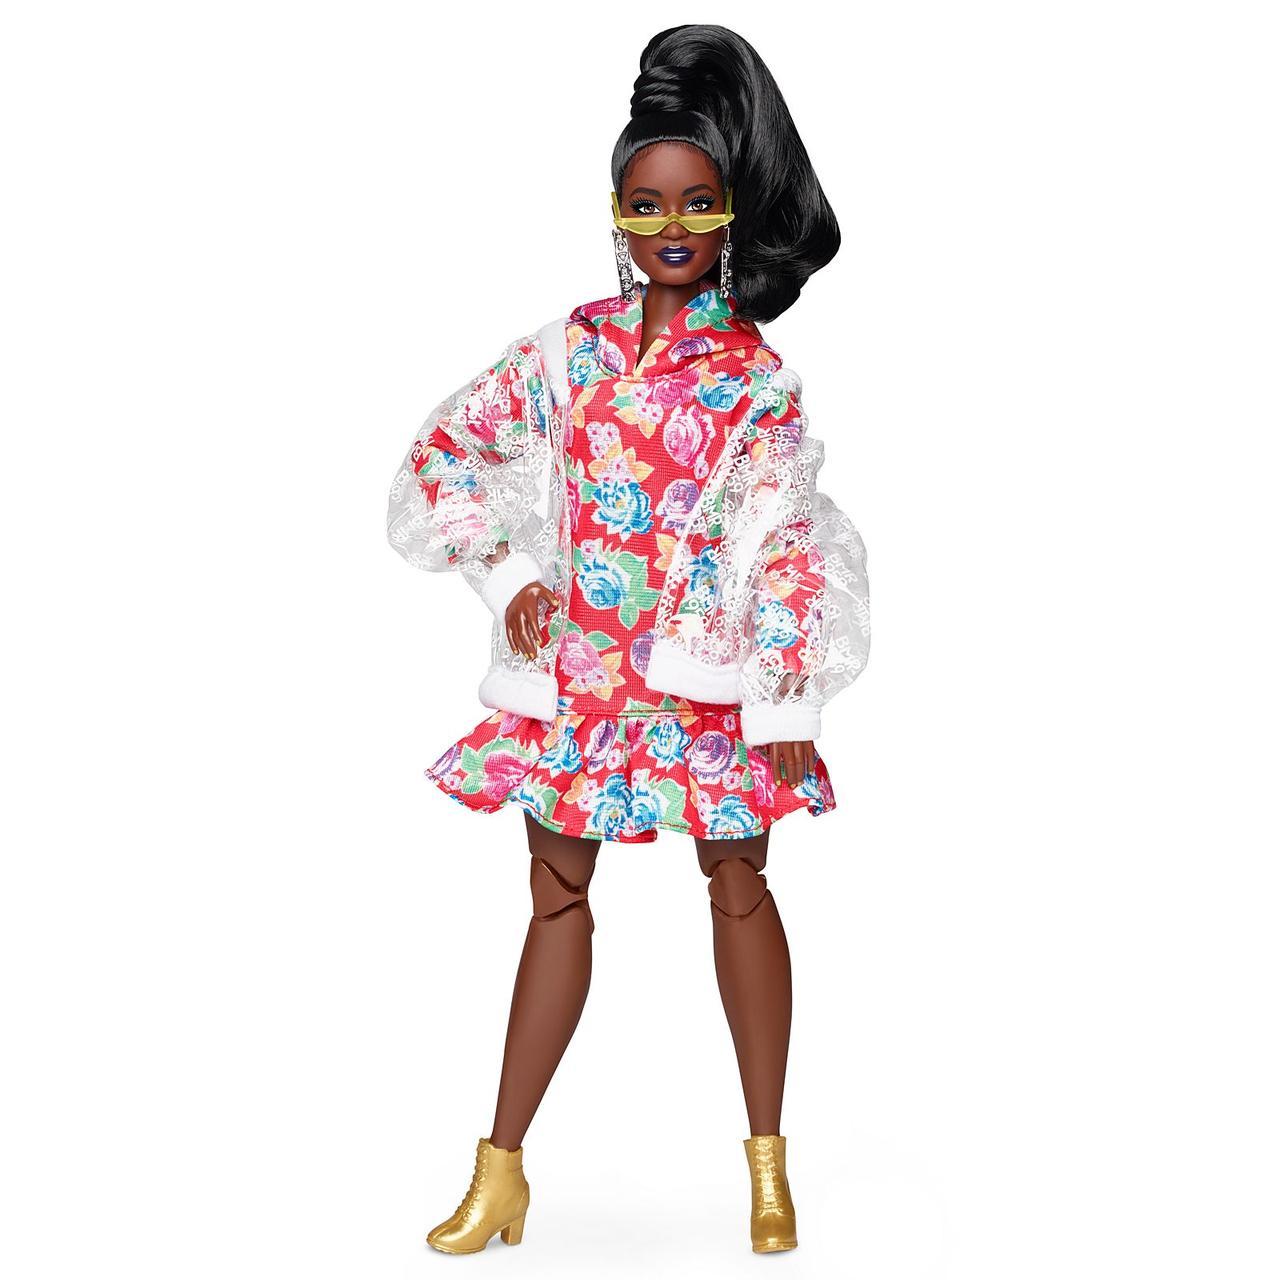 Коллекционная кукла Barbie BMR 1959 афроамериканка